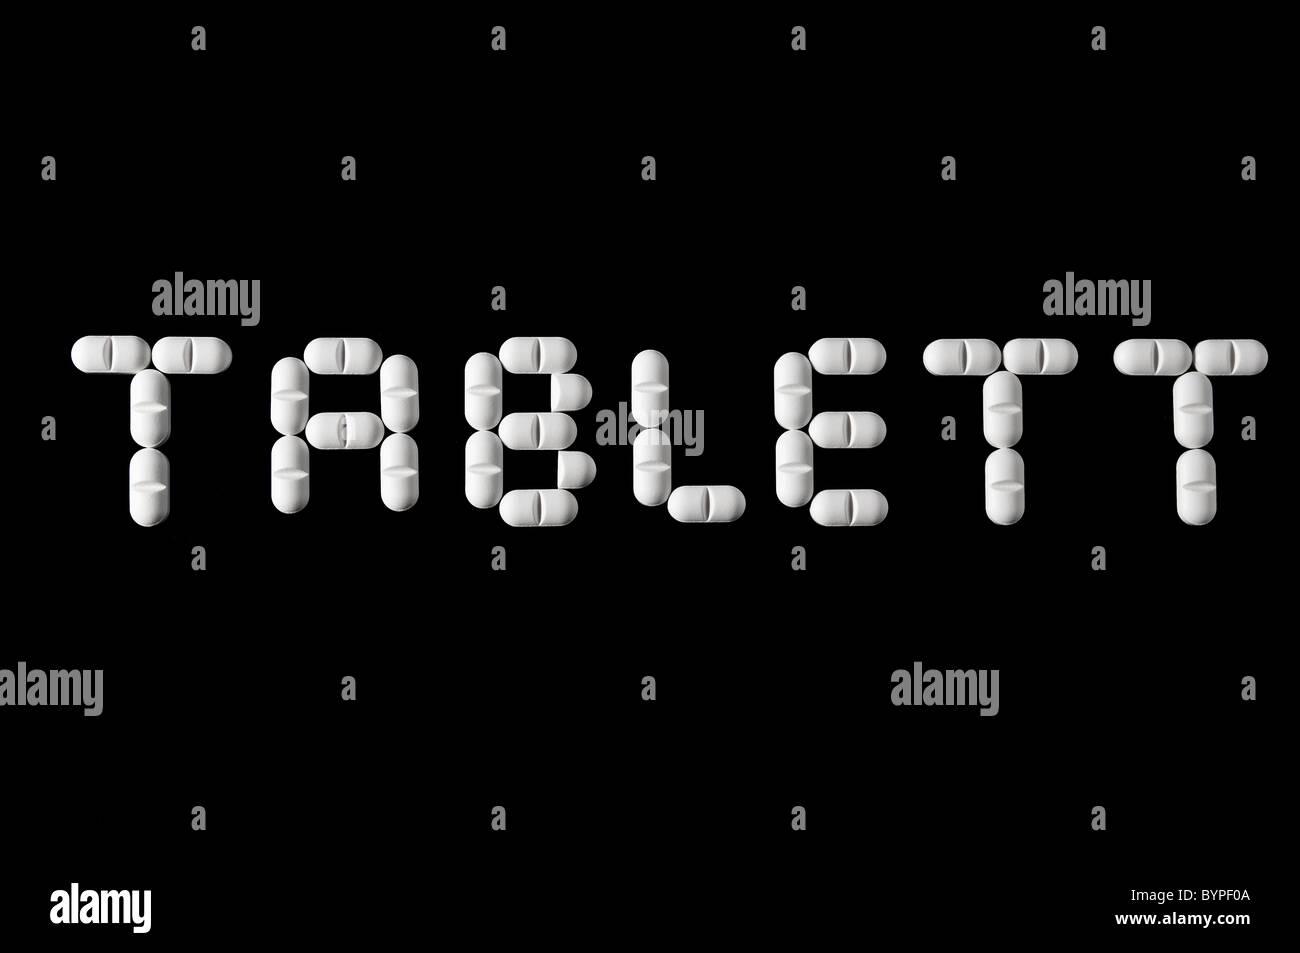 Wort Tablett fuer schwedisch aus Tabletten zusammengesetzt Word tablet in swedish language - Stock Image